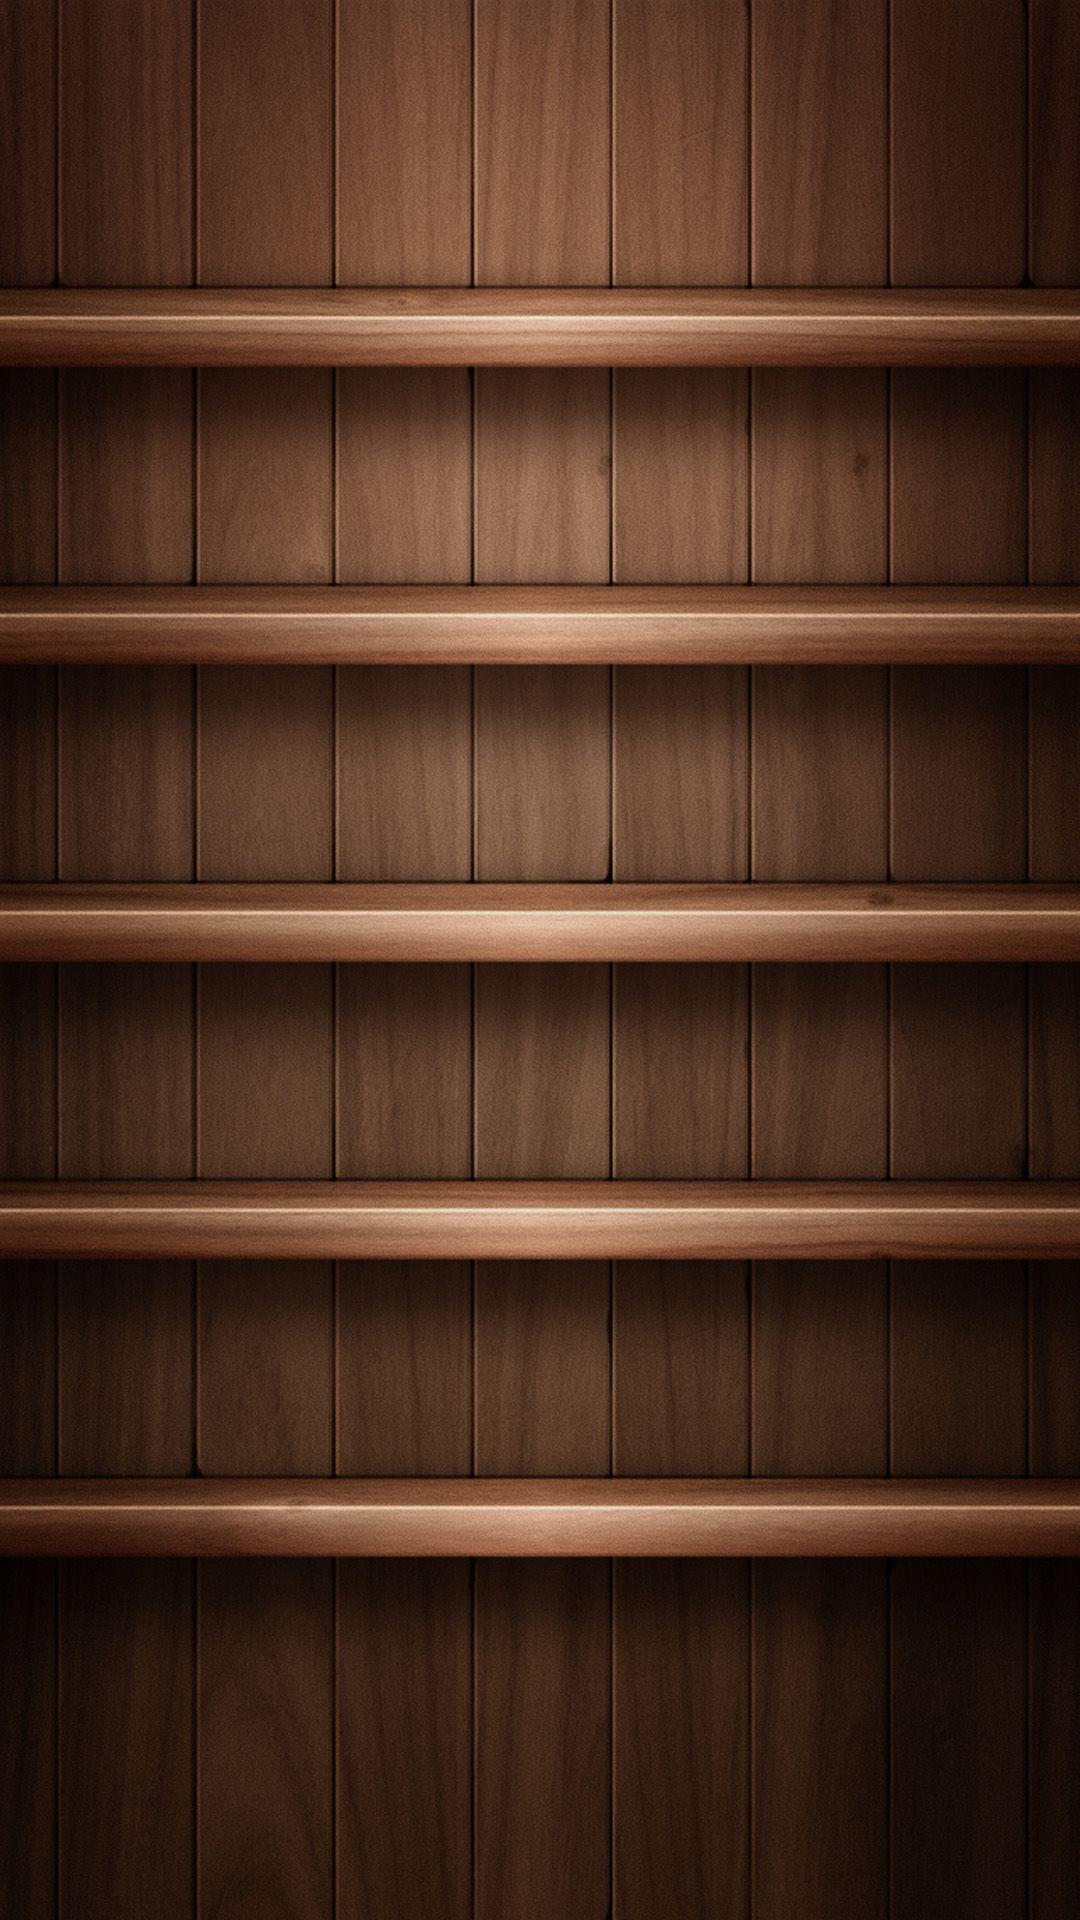 750 X 1334 Shelf Wallpapers   Top 750 X 1334 Shelf 1080x1920